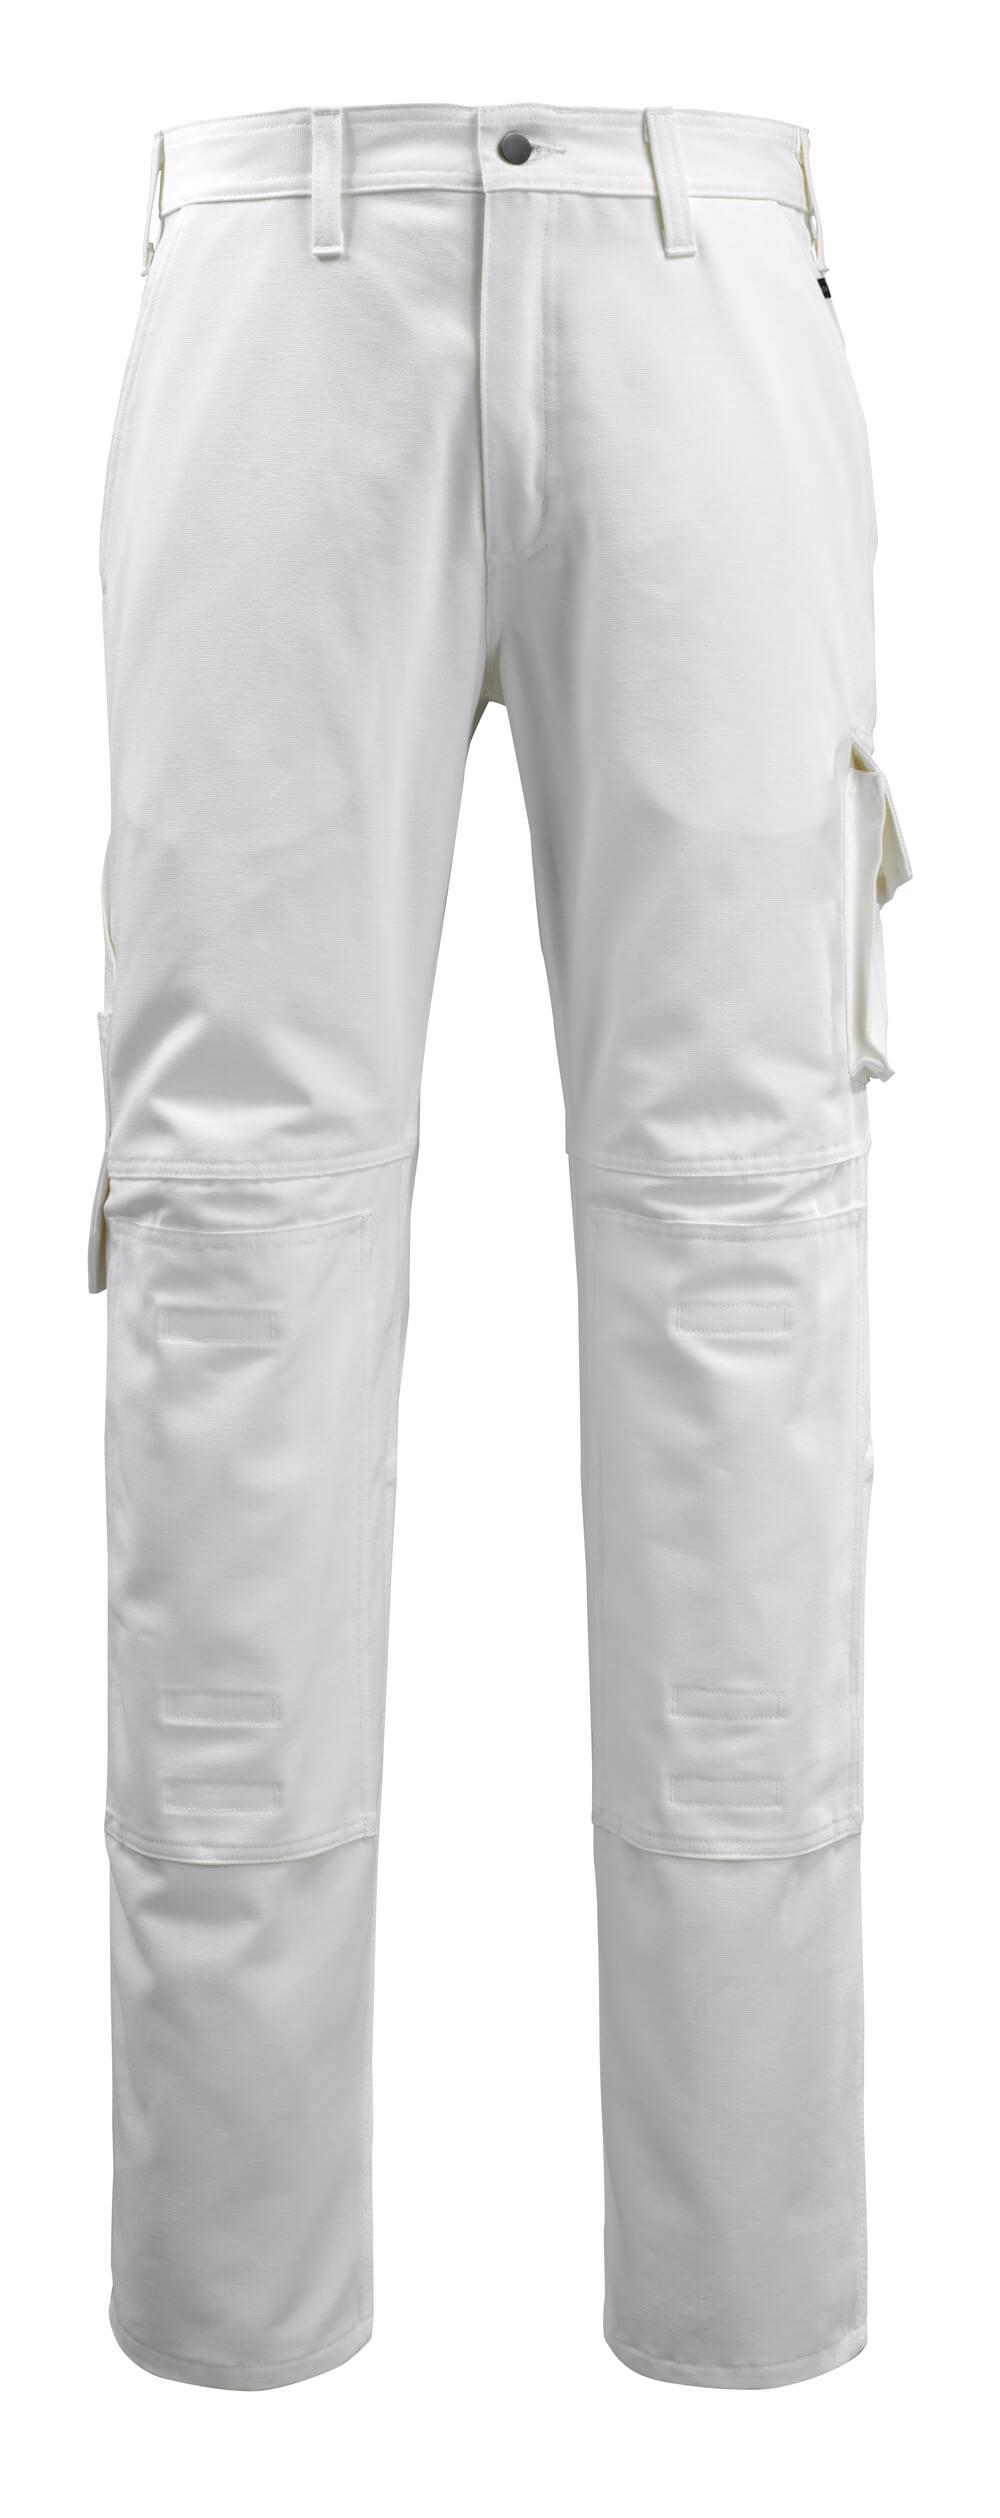 14579-197-06 Bukser med knælommer - hvid